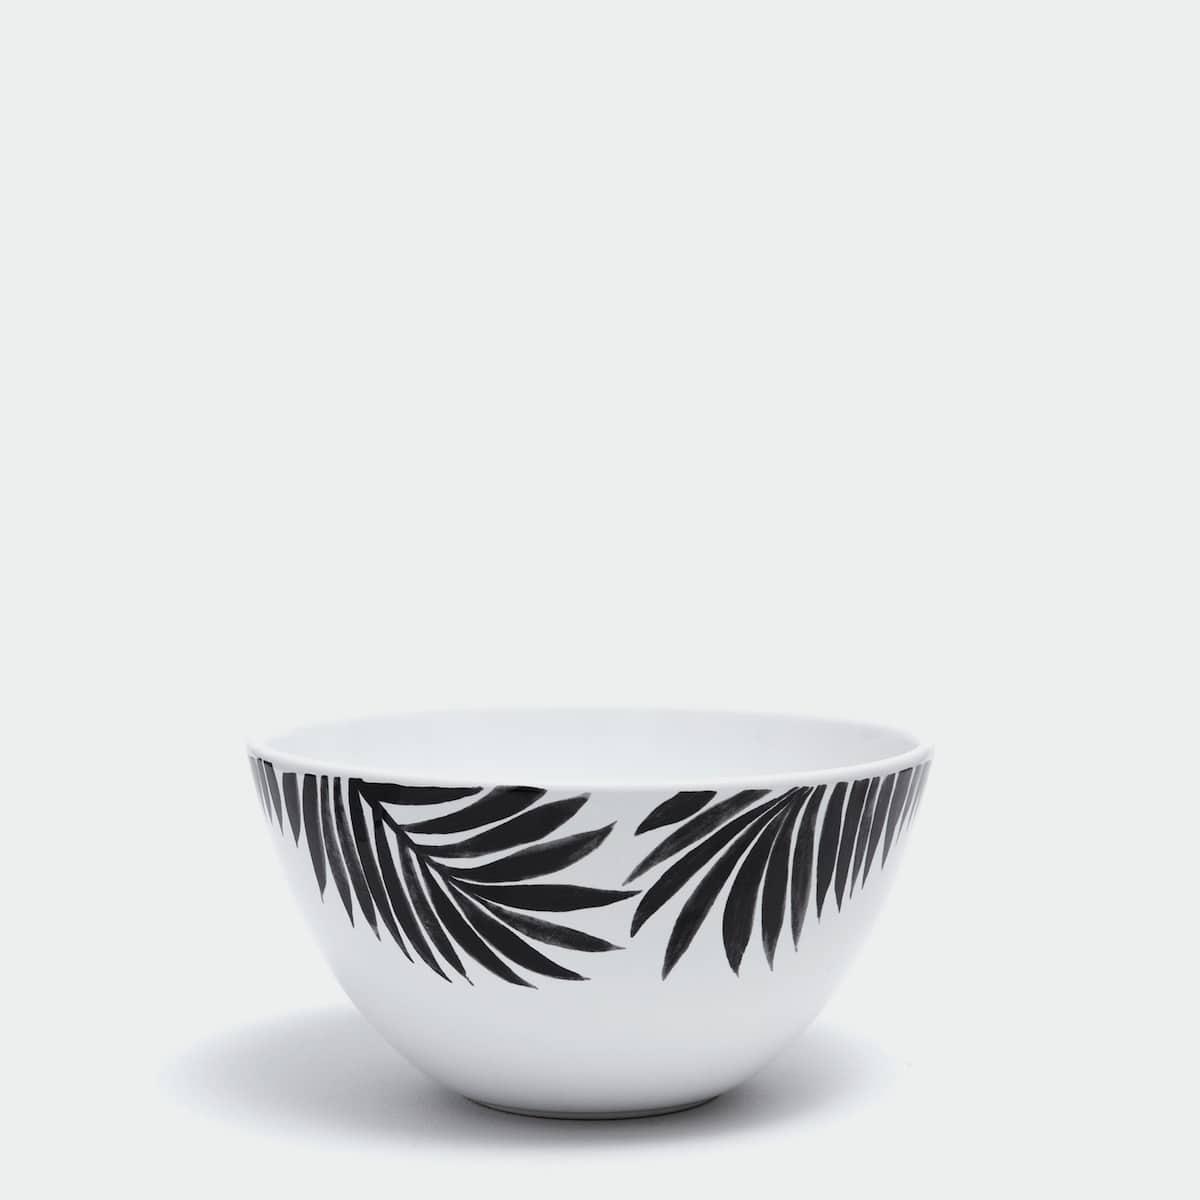 Afbeelding 1 van het product Tweekleurige aardewerken slakom met palmblad